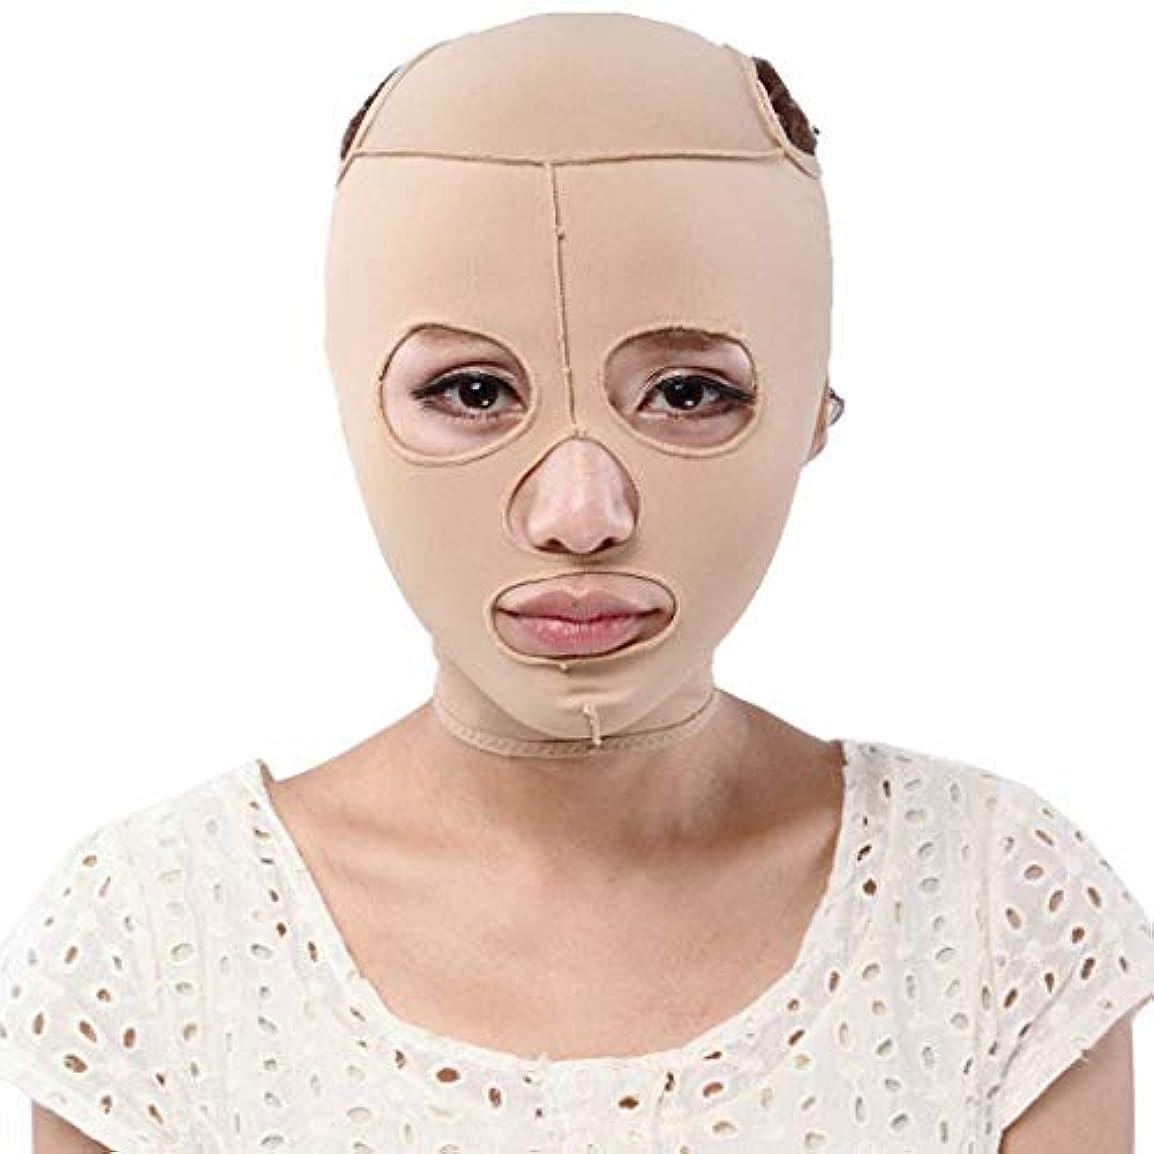 危険な具体的に取得するフェイシャルスリミングマスク、フェイスリフティング包帯Vフェイスリフティングおよびリフティング/チンブラッシュスリムボディリダクションダブルチン減量包帯通気性、肌(XL) (S)